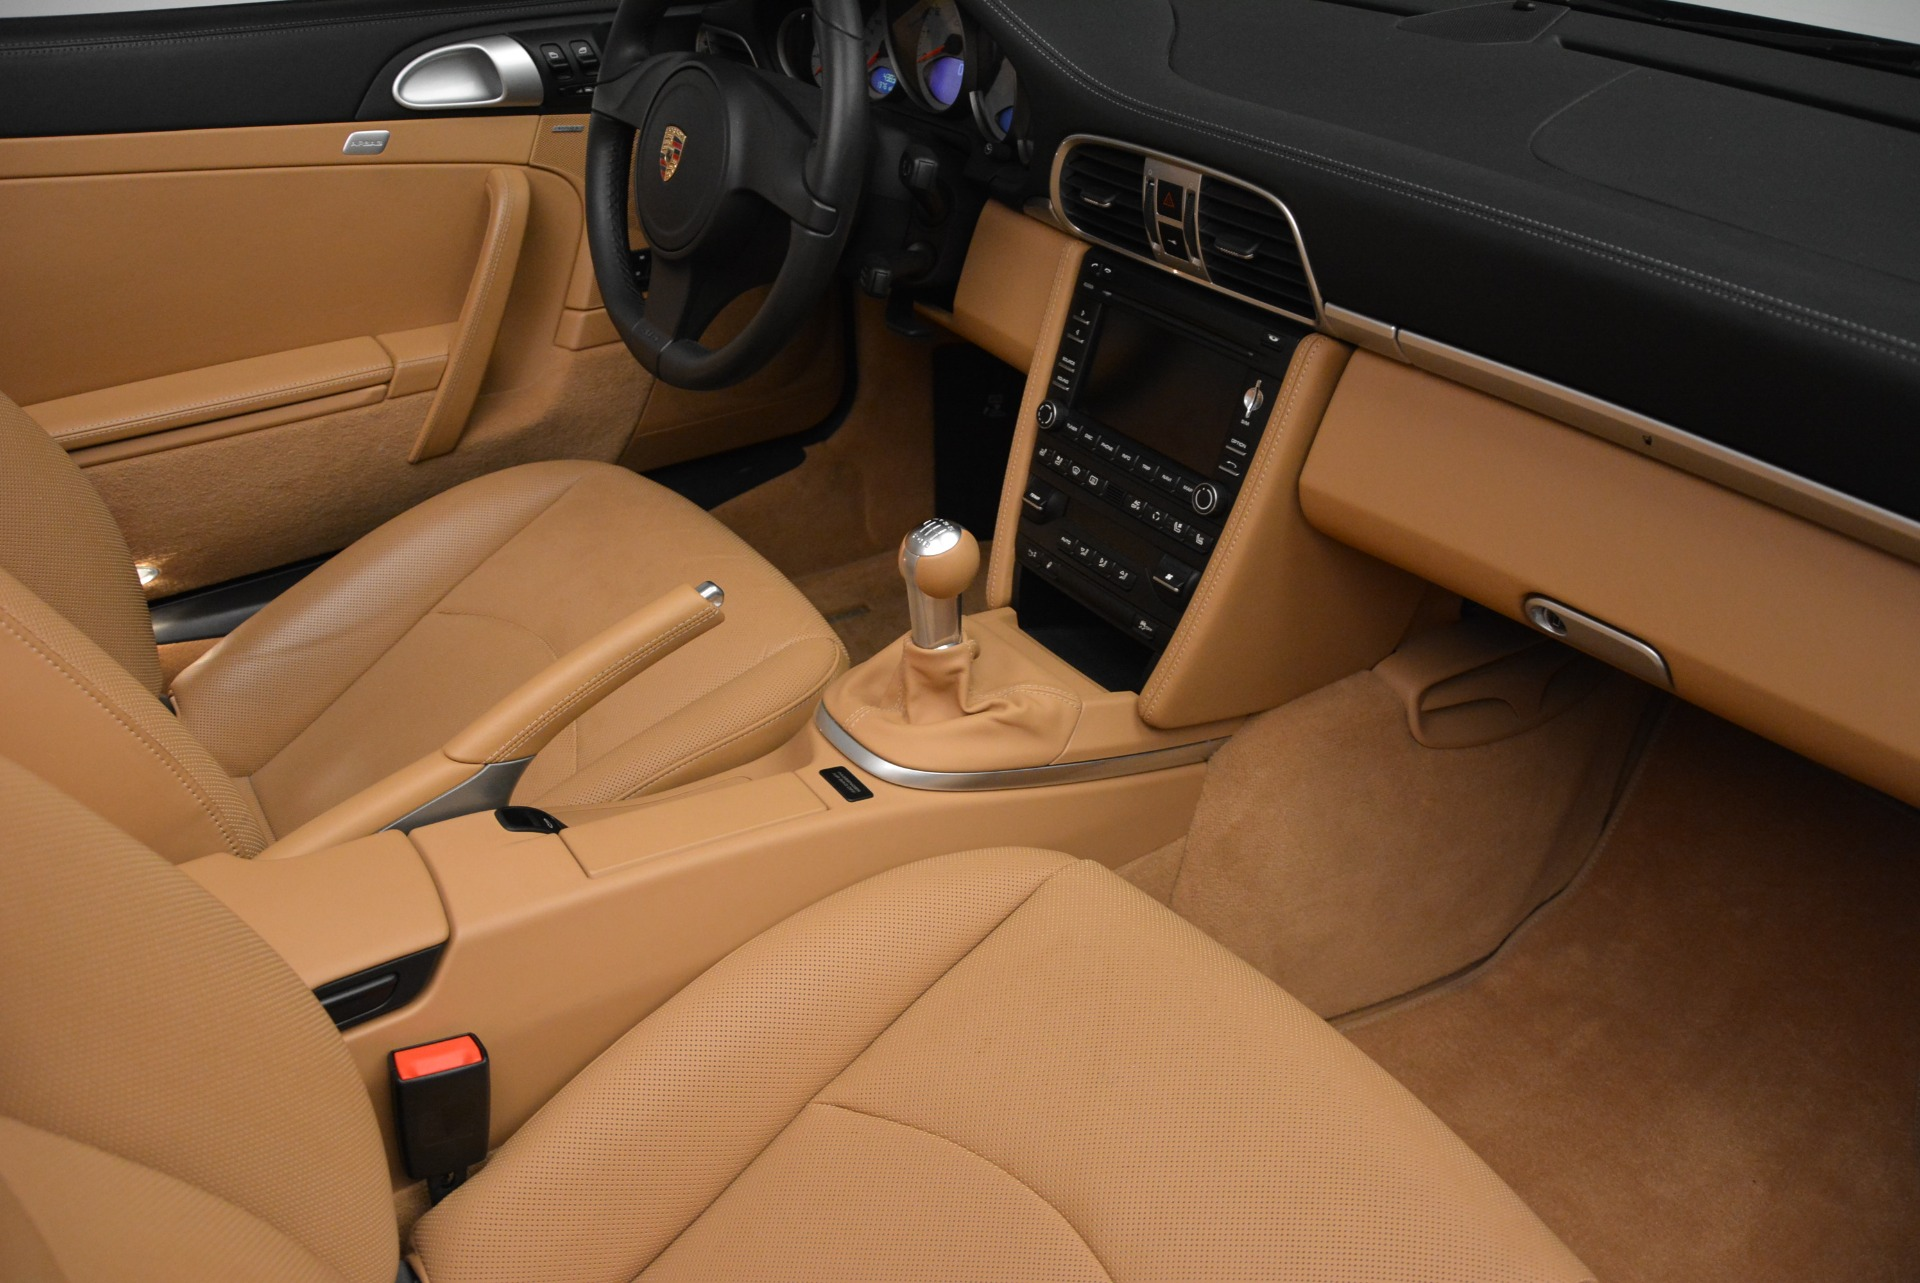 Used 2012 Porsche 911 Turbo